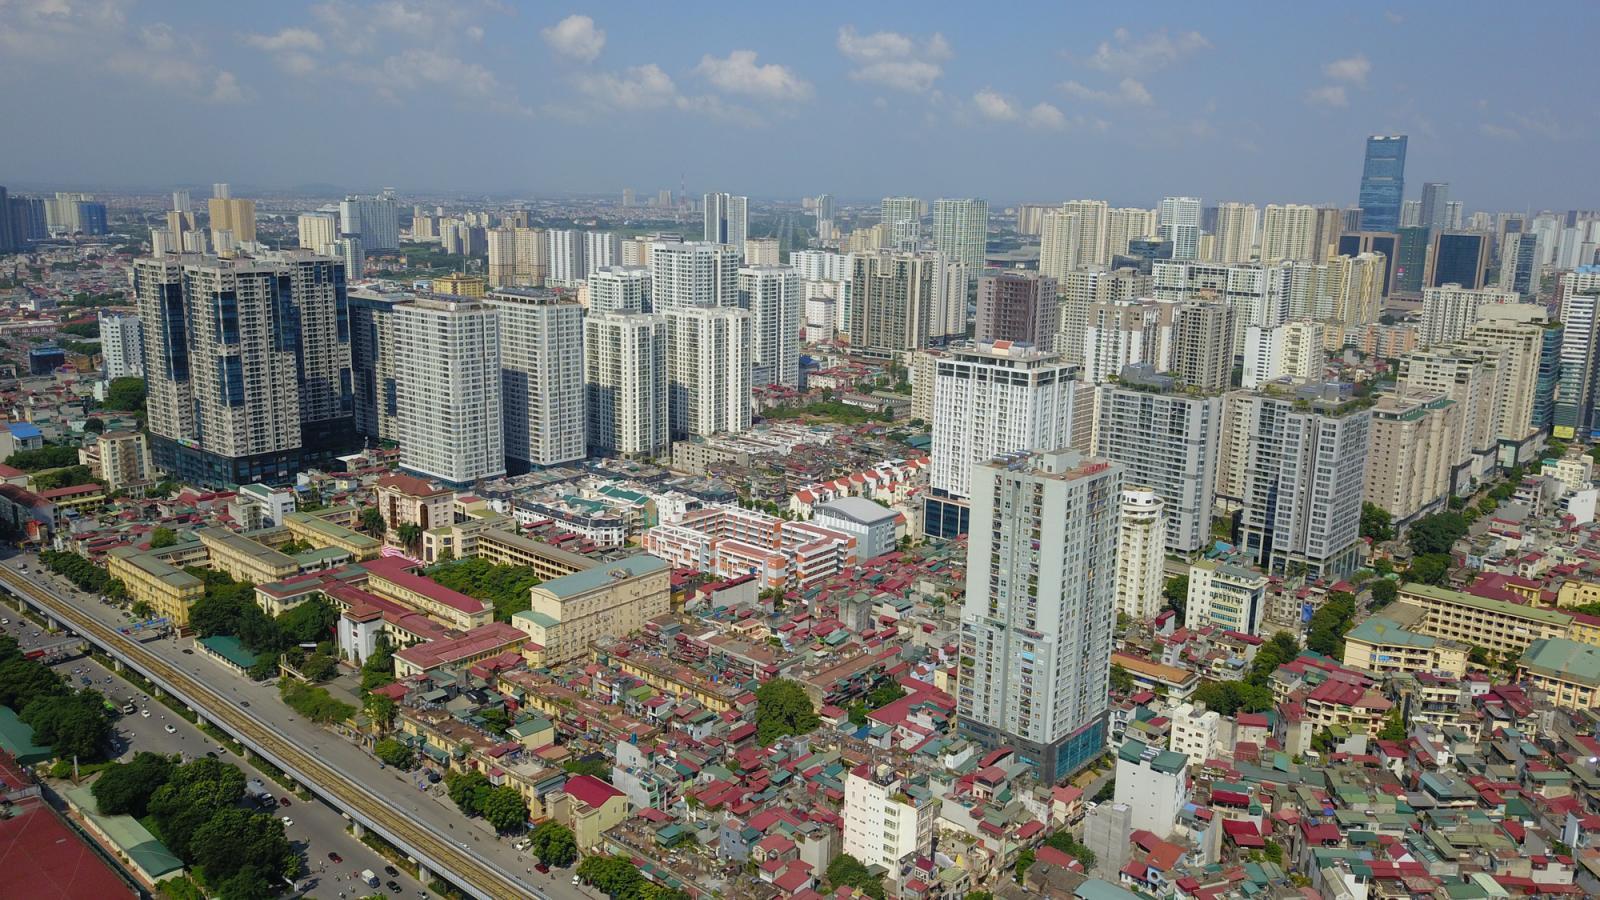 nhà ở cao tầng và thấp tầng nằm trong thành phố